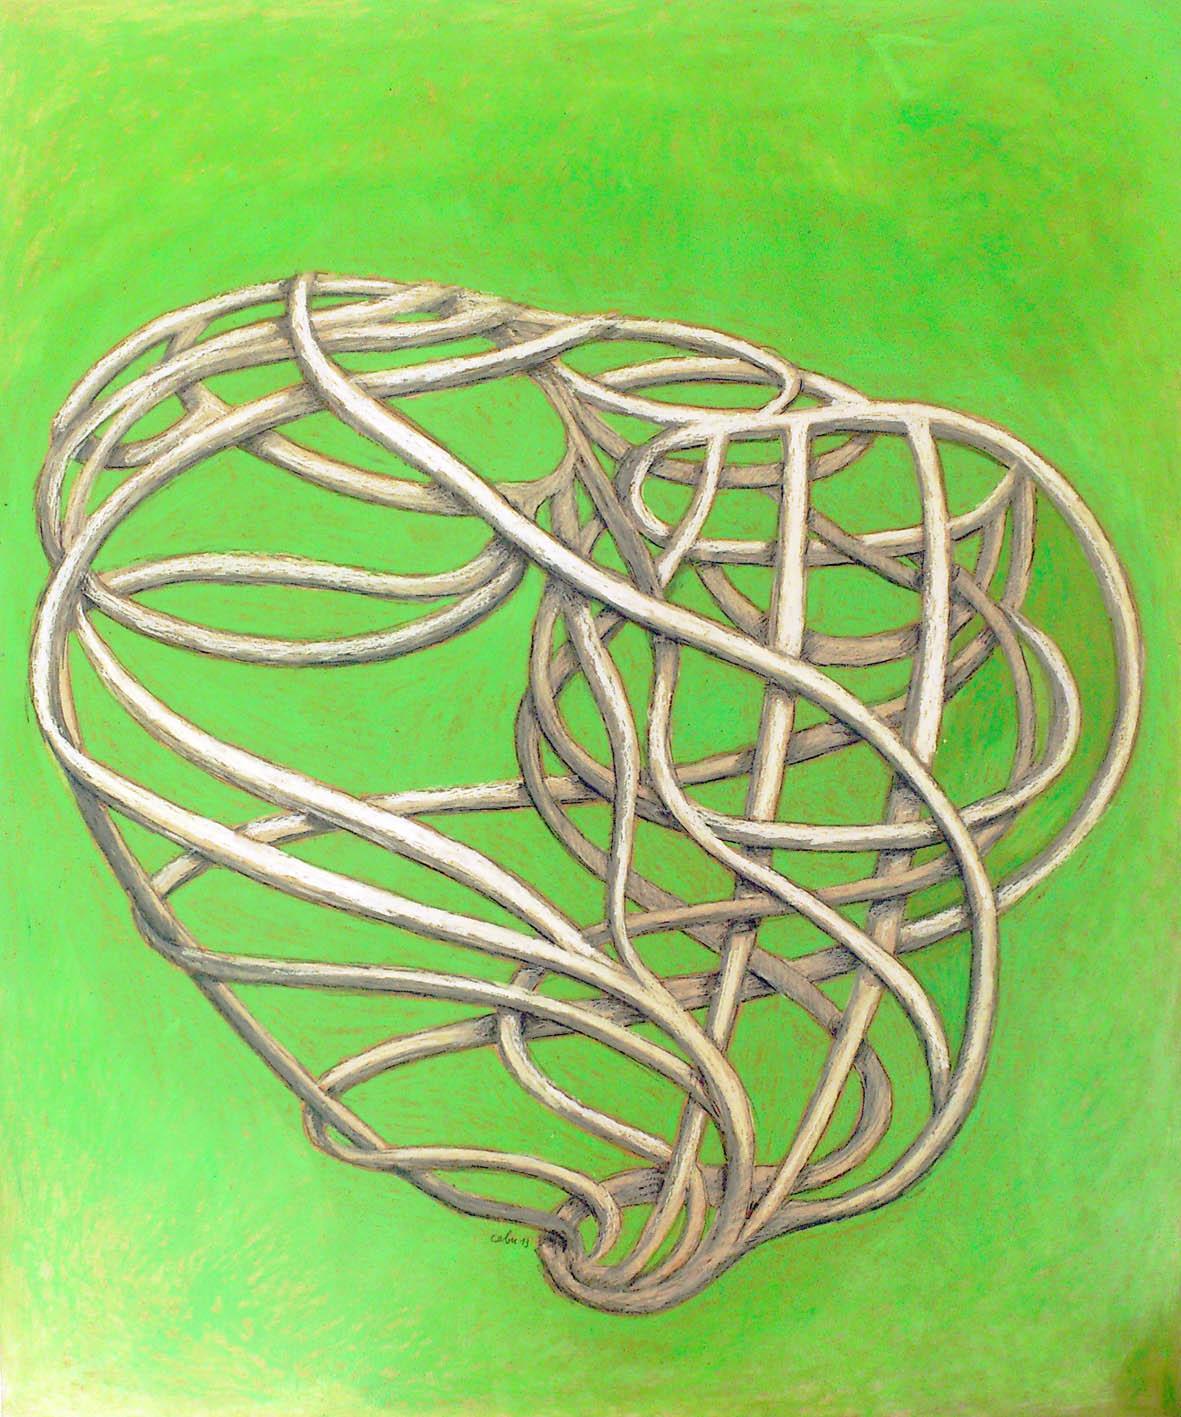 Herzskelett